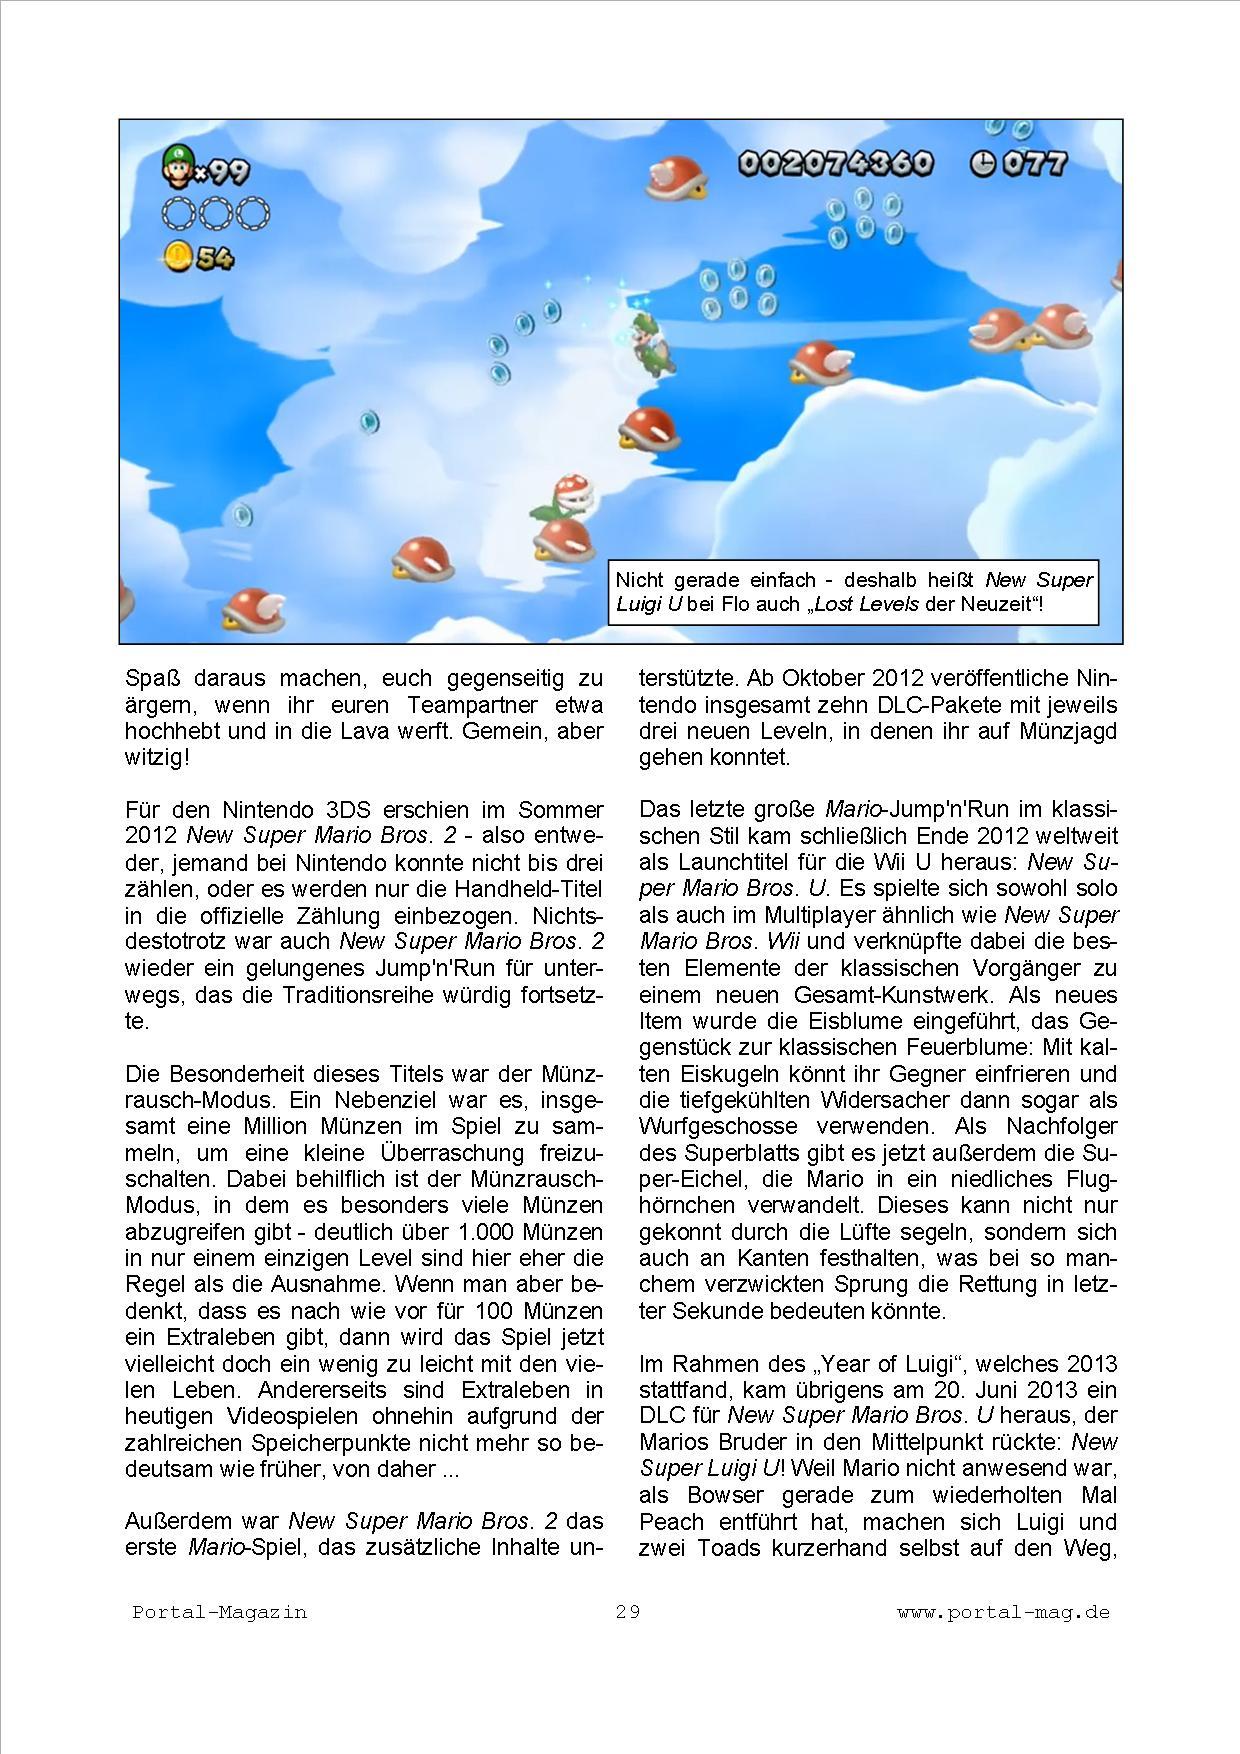 Ausgabe 32, Seite 29